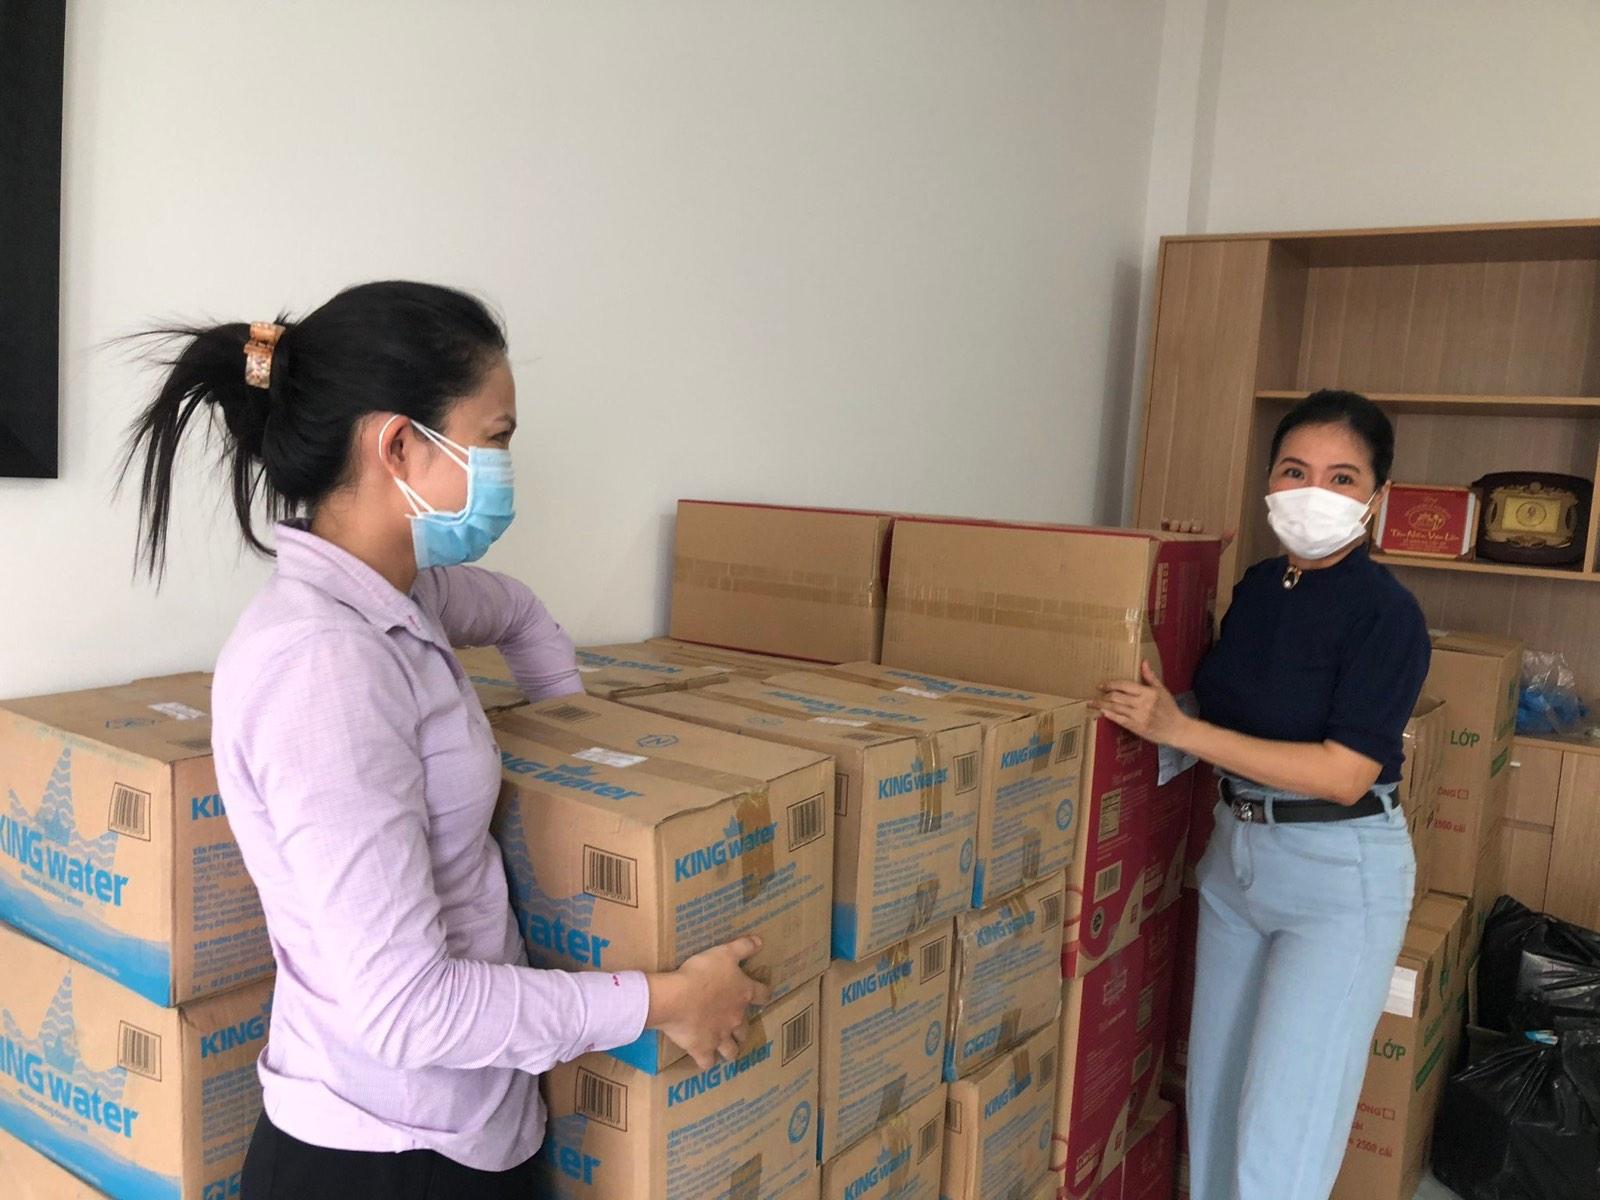 TNI King Coffee tiếp tục hỗ trợ các y bác sĩ tuyến đầu chống dịch tại TP.HCM và Bình Dương - Ảnh 1.